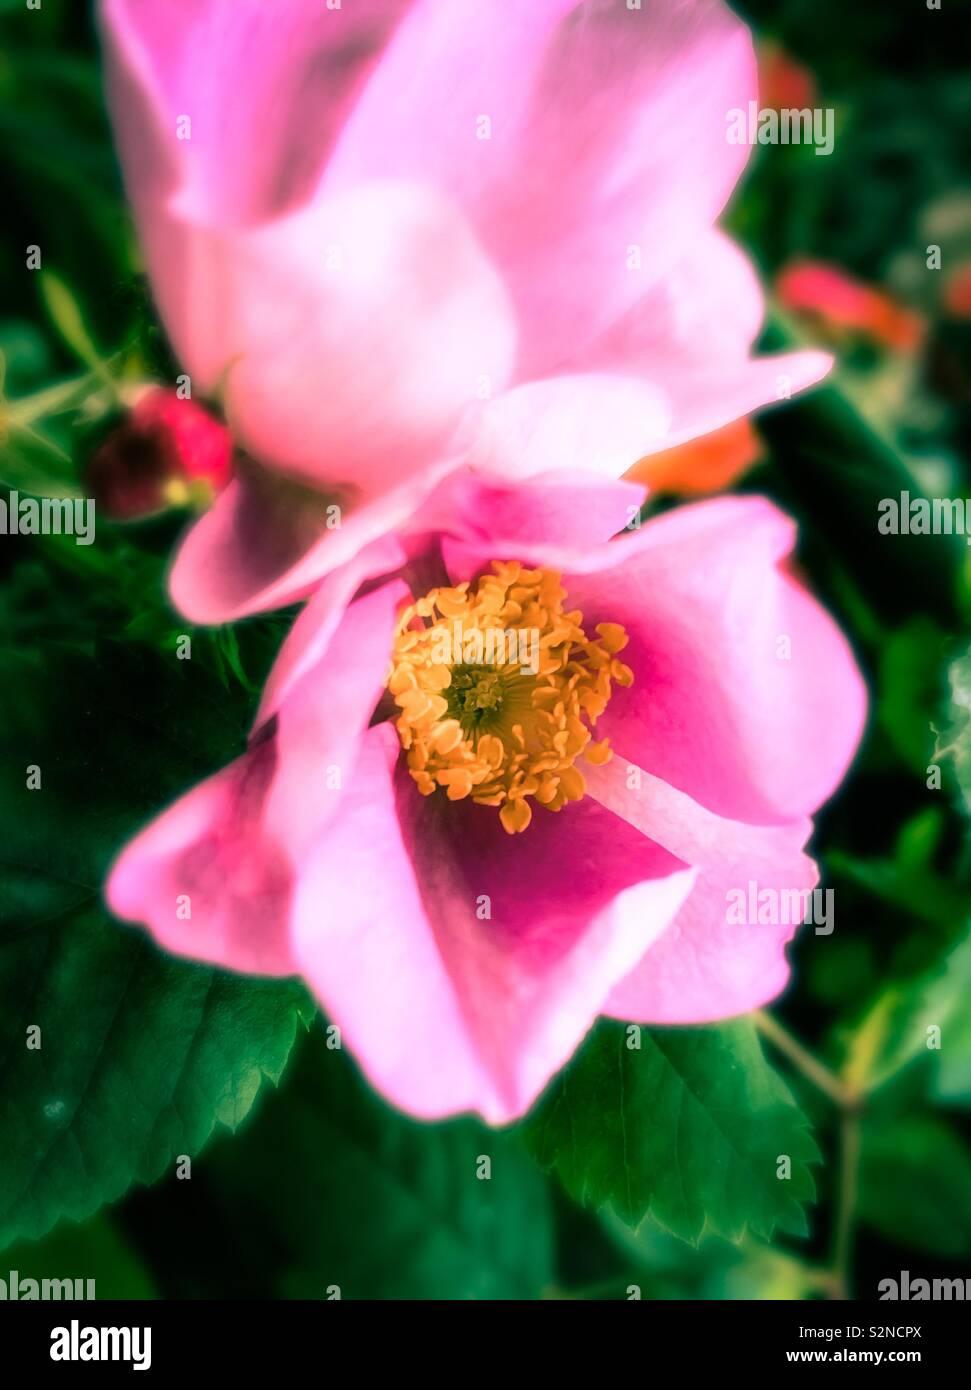 Pink primrose - Stock Image